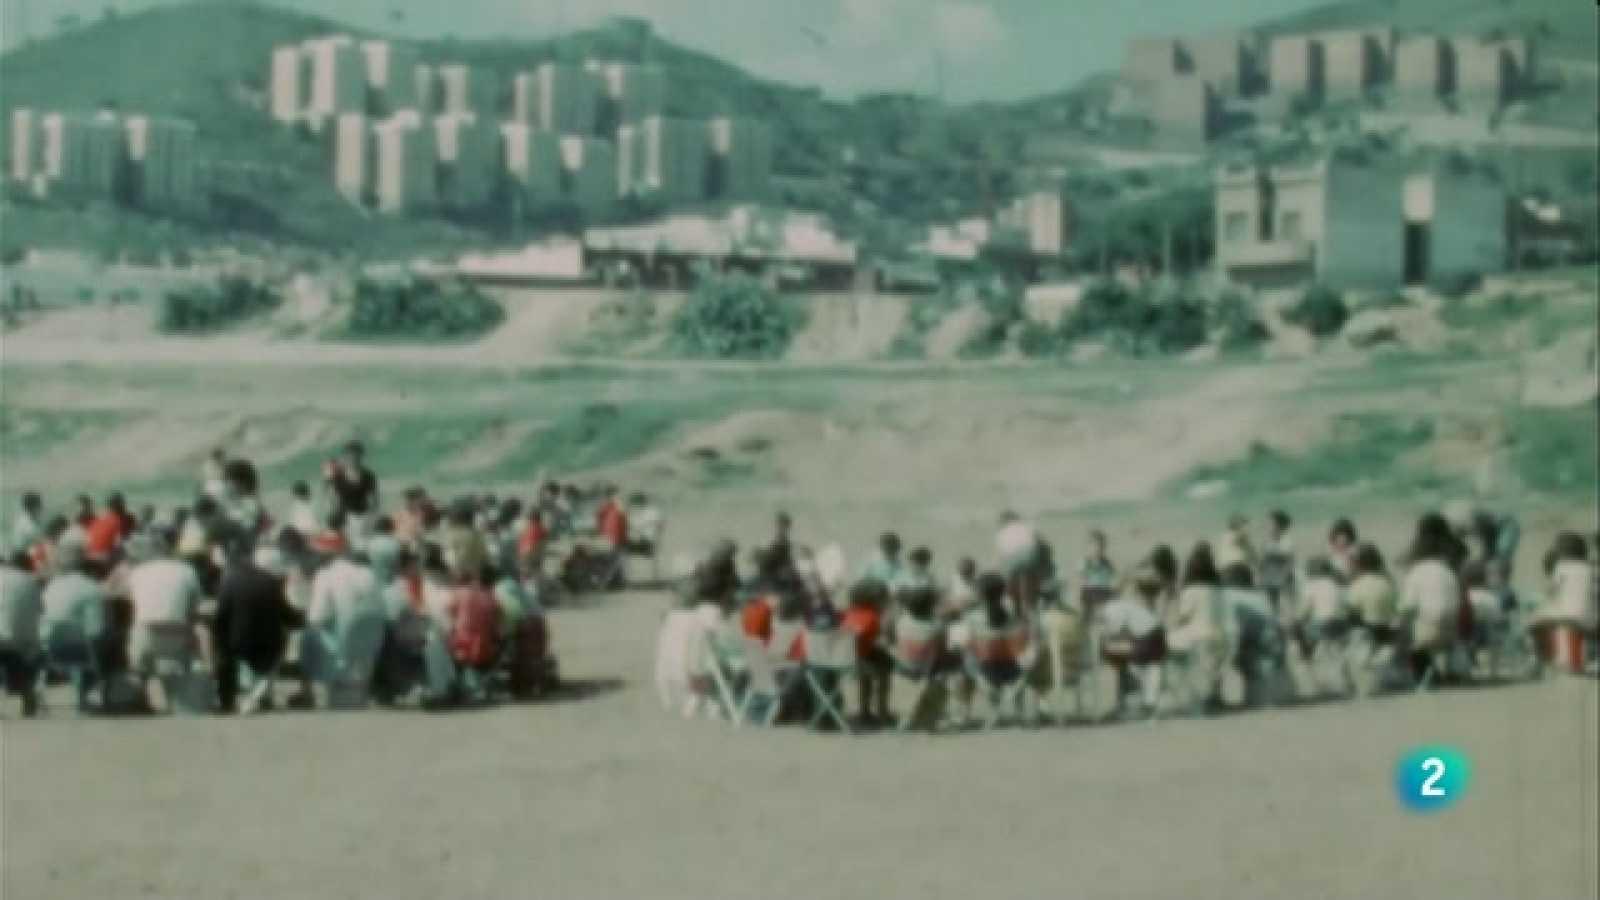 Memòria de Santa Coloma, INOUT, hotel inclusiu i Ubuntu, projecte solidari a La Metro